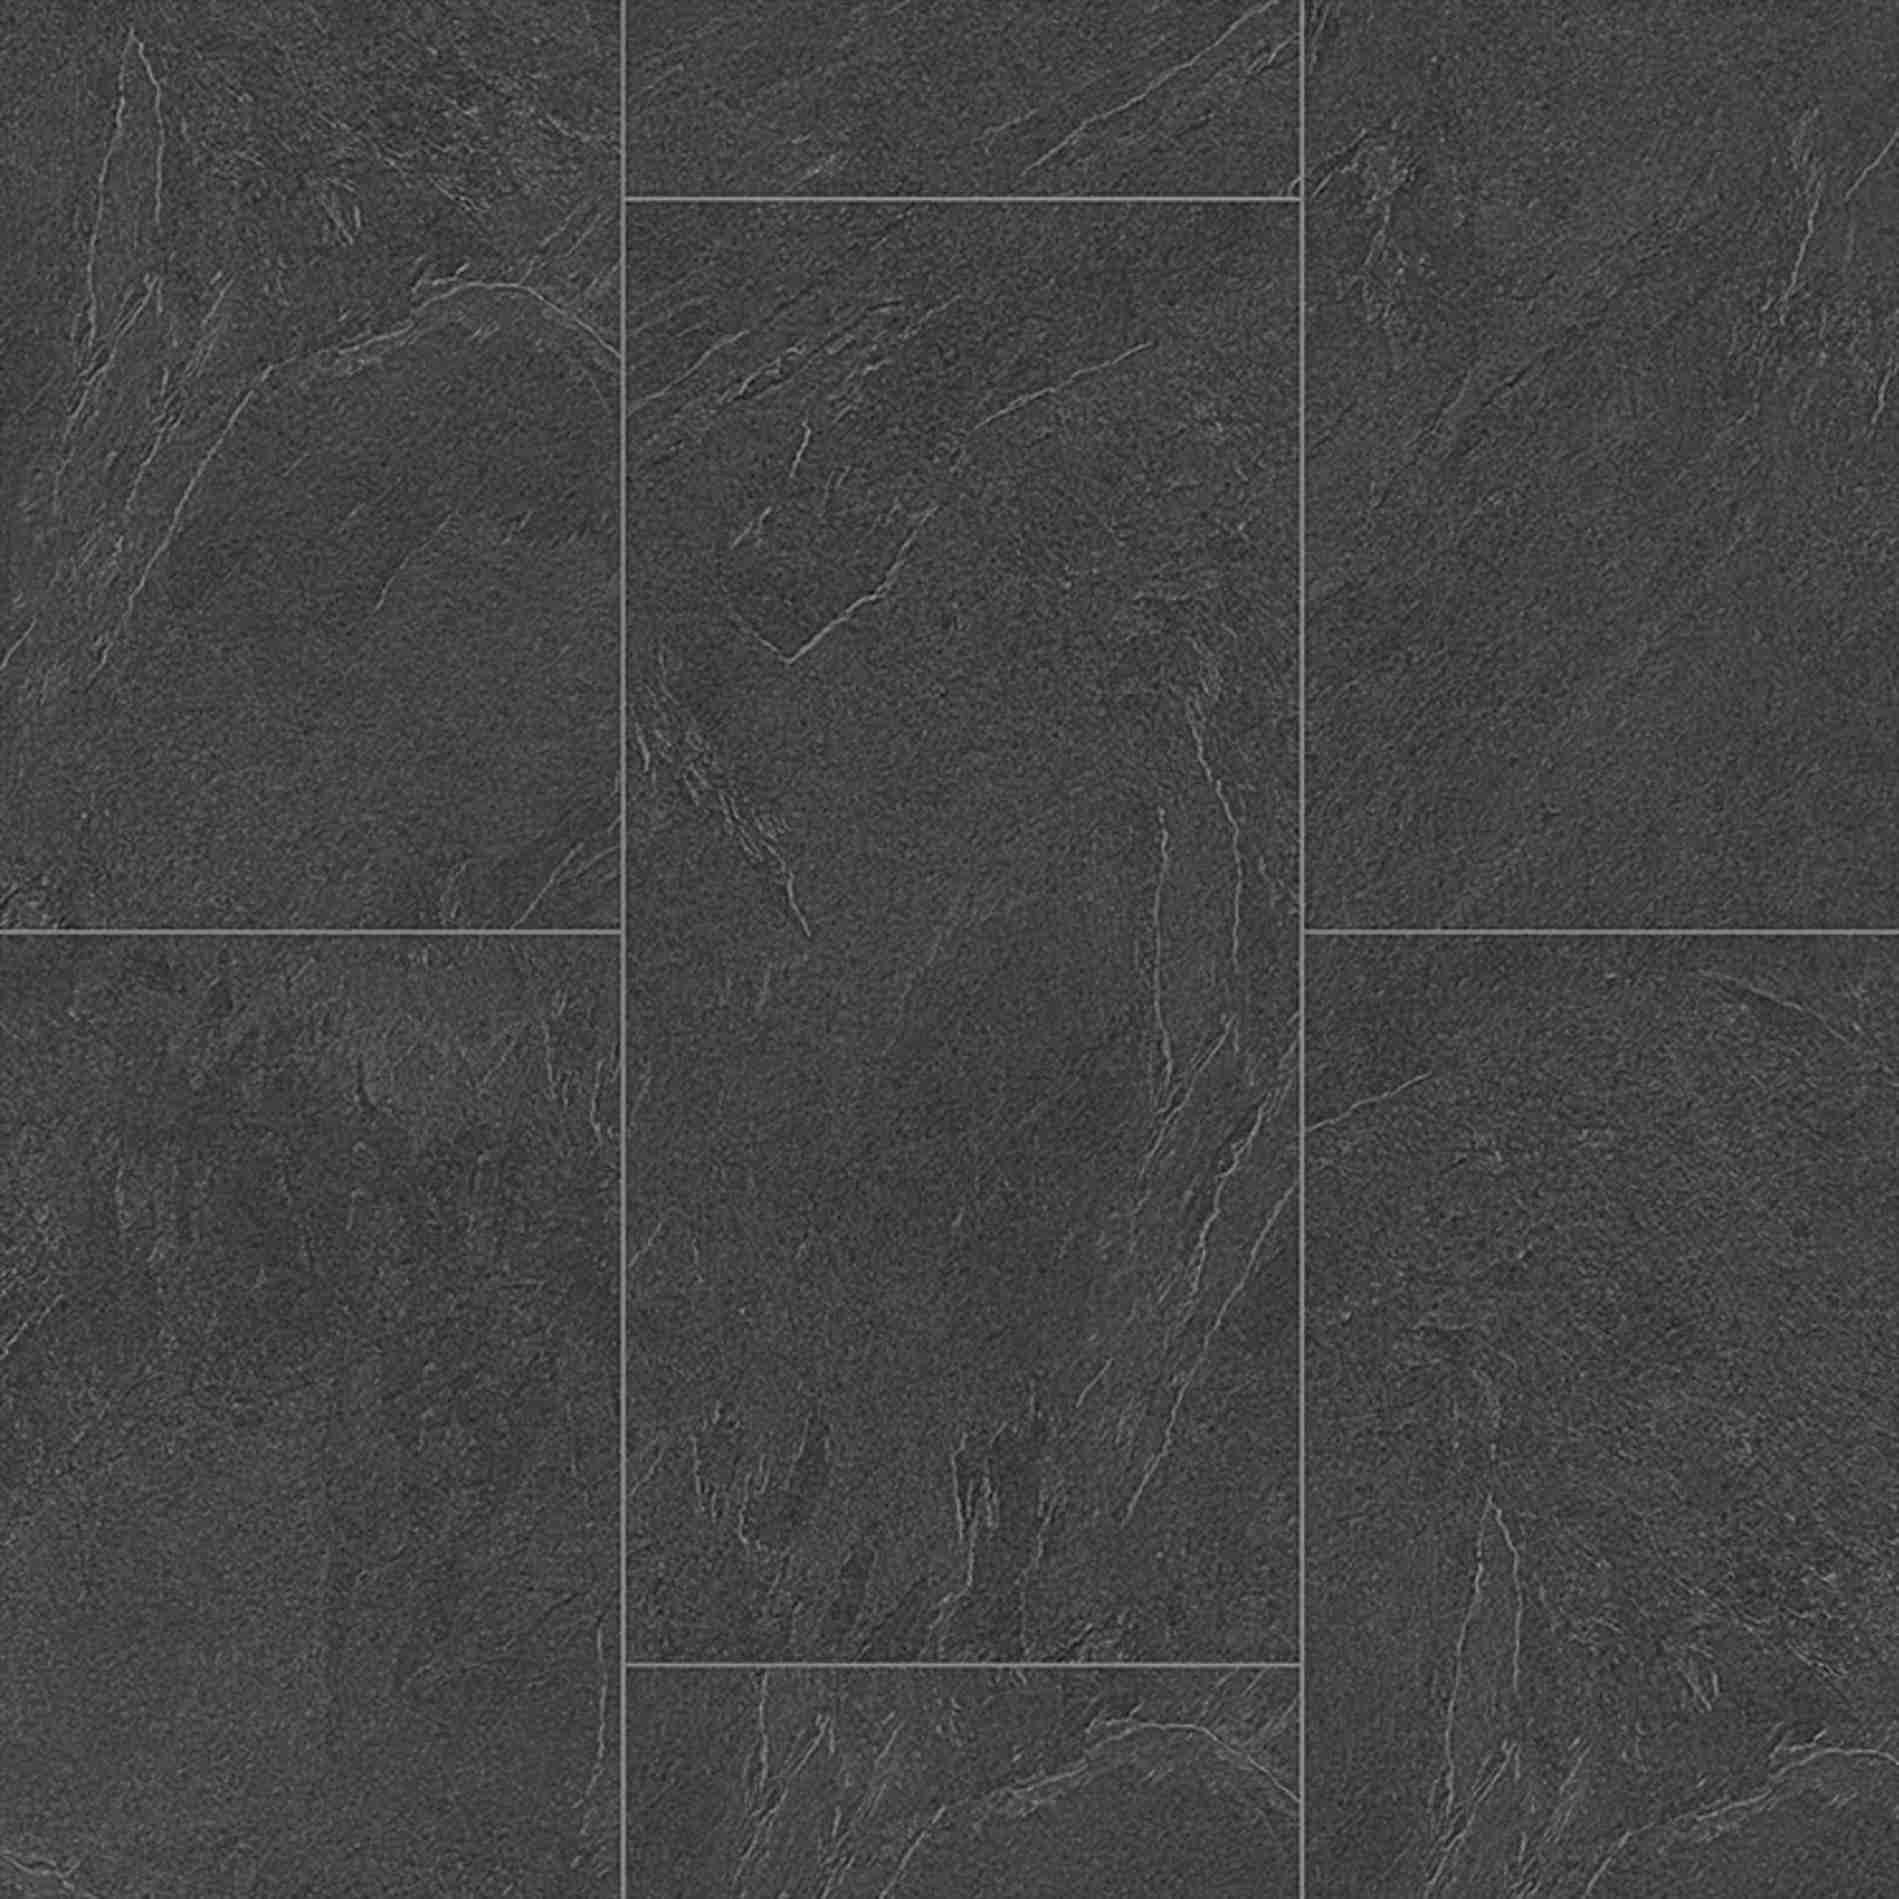 Laminate At Free Samples Janeiro Tile Montauk Black X Natural Free